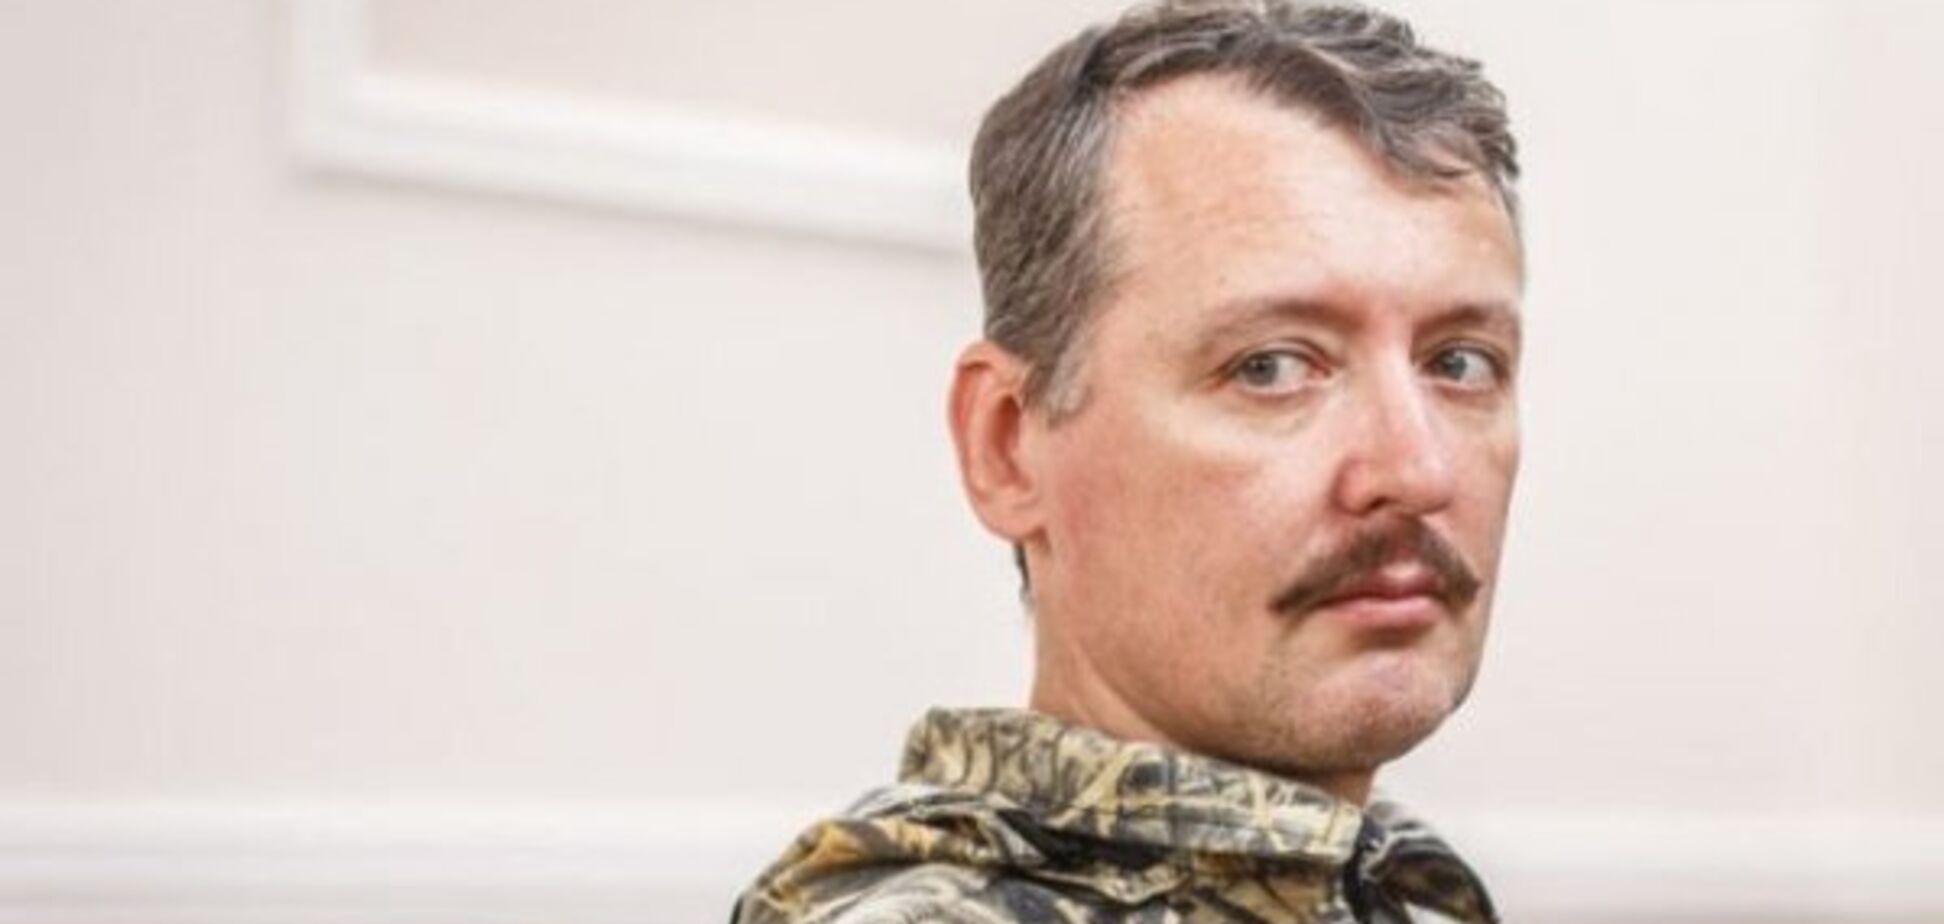 Ігор Гіркин (Стрєлков)